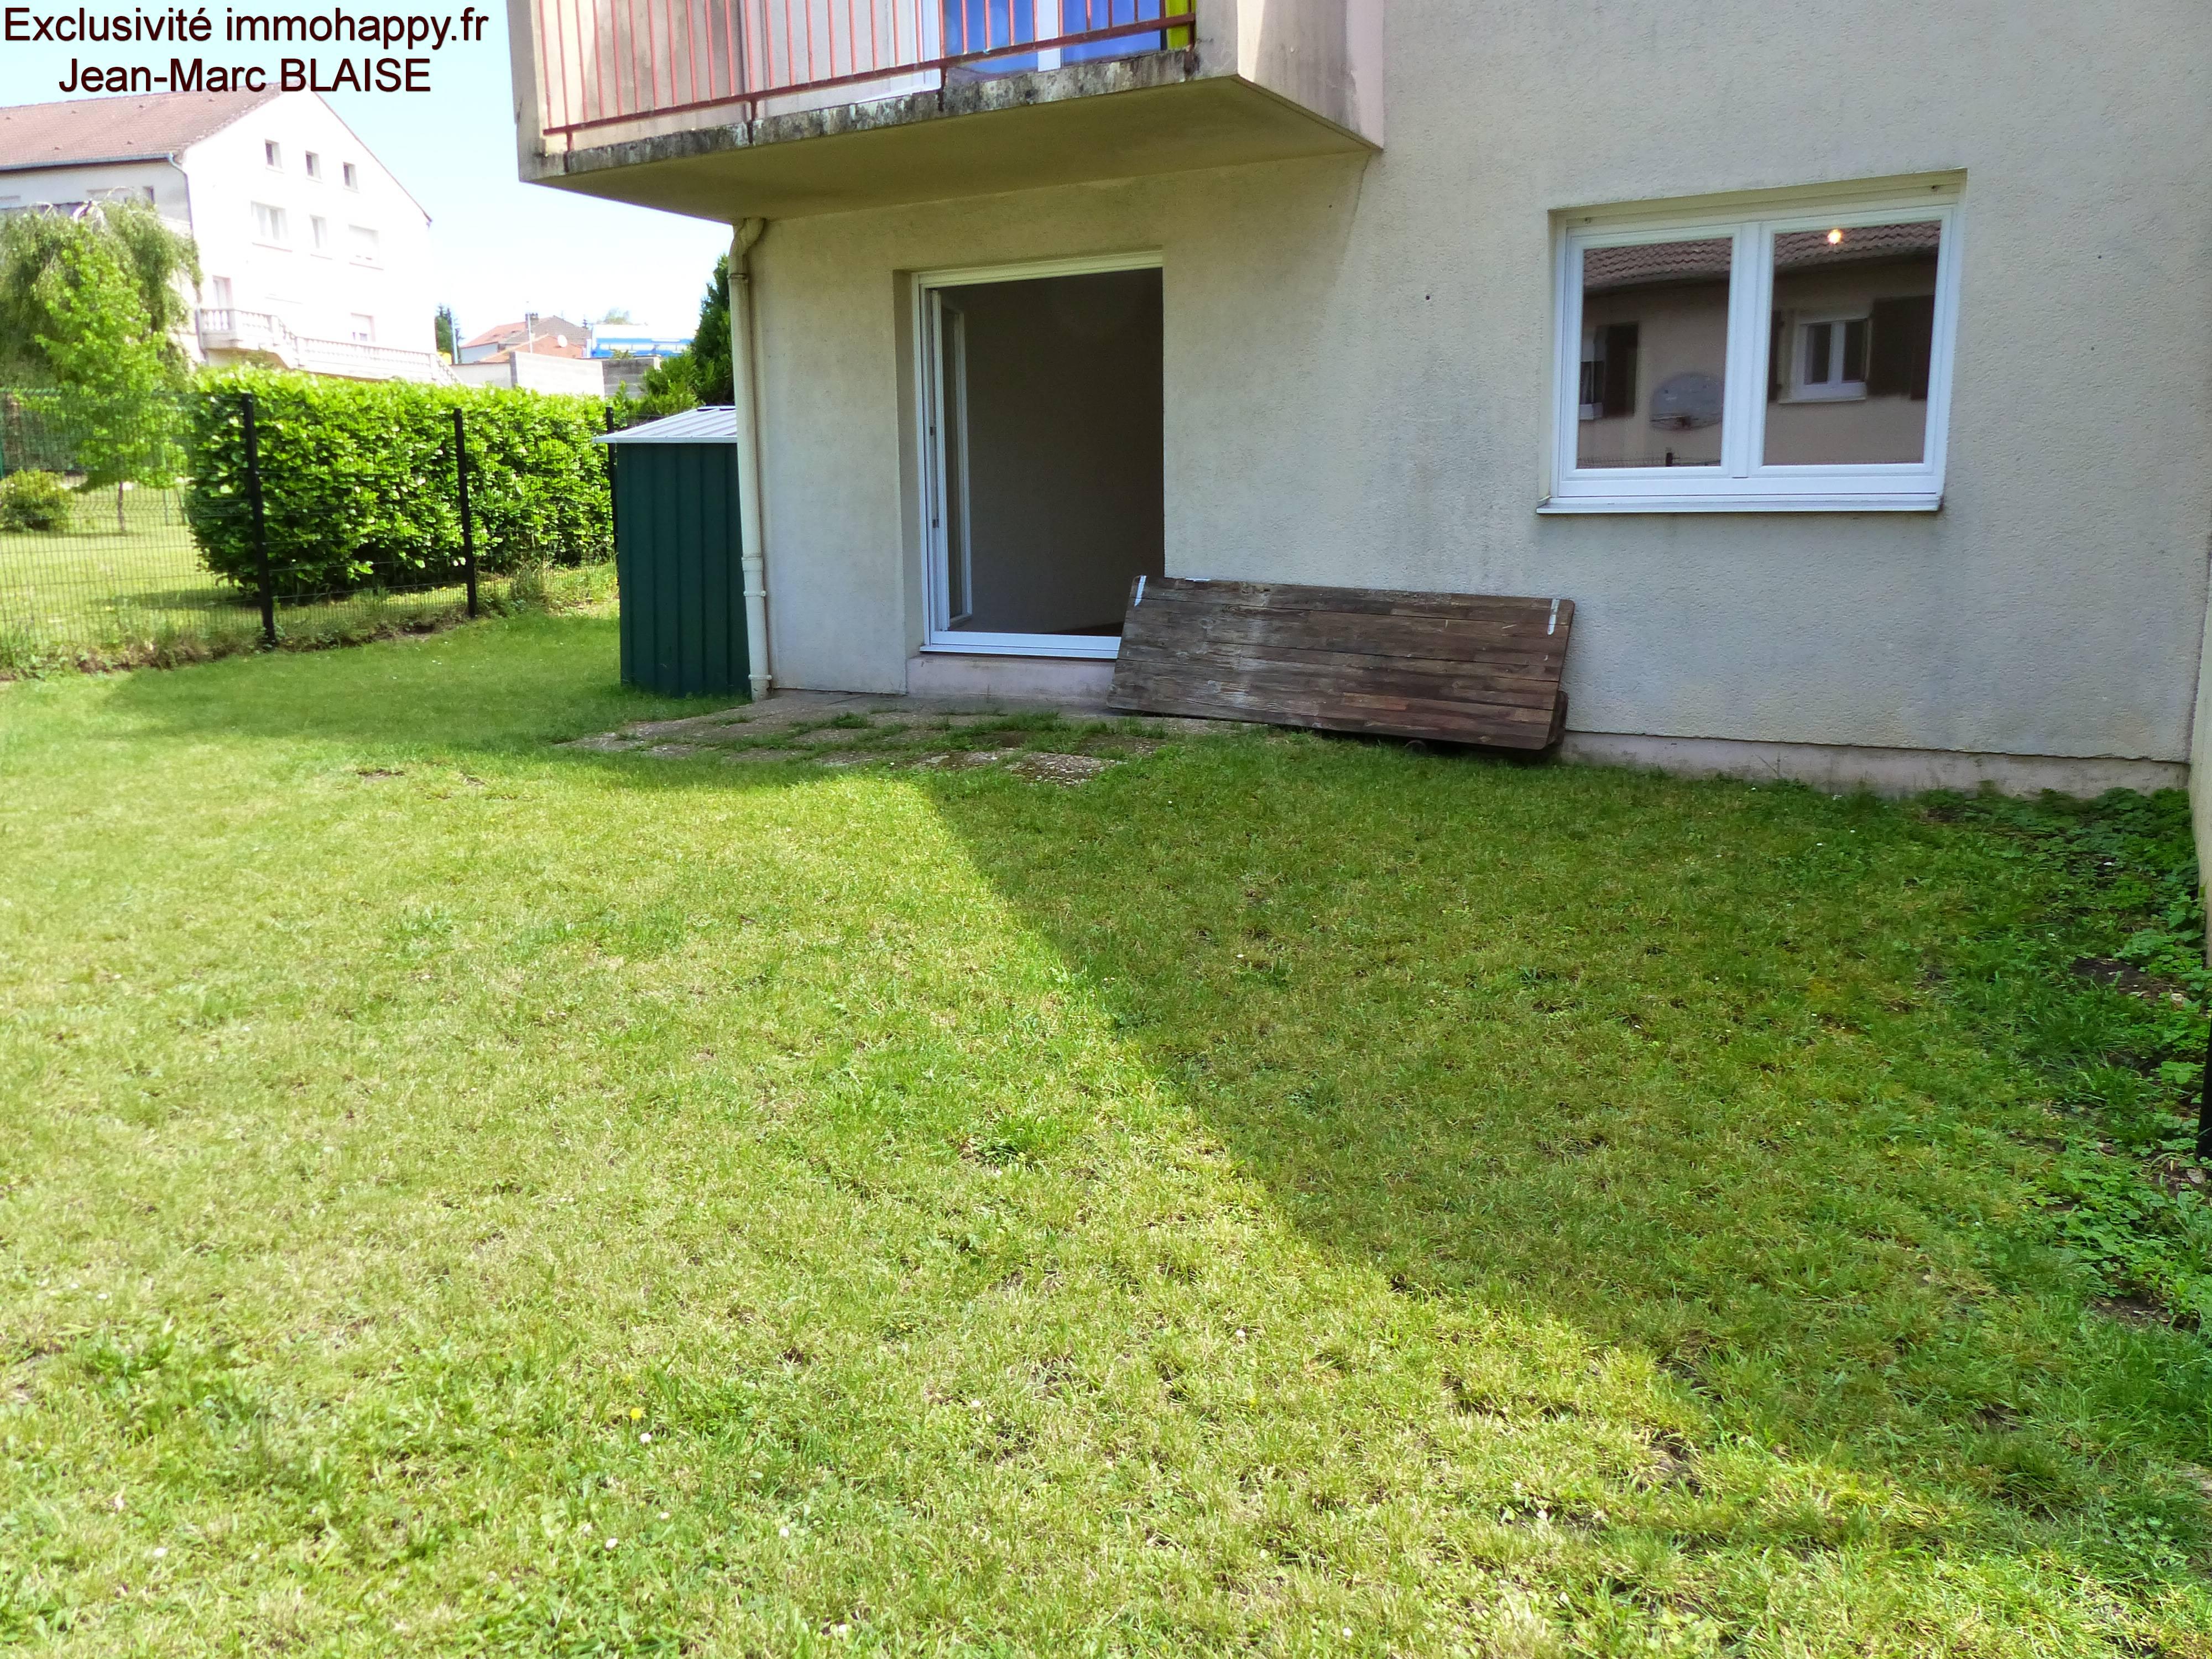 Appart avec jardin à Faulquemont 79500 €